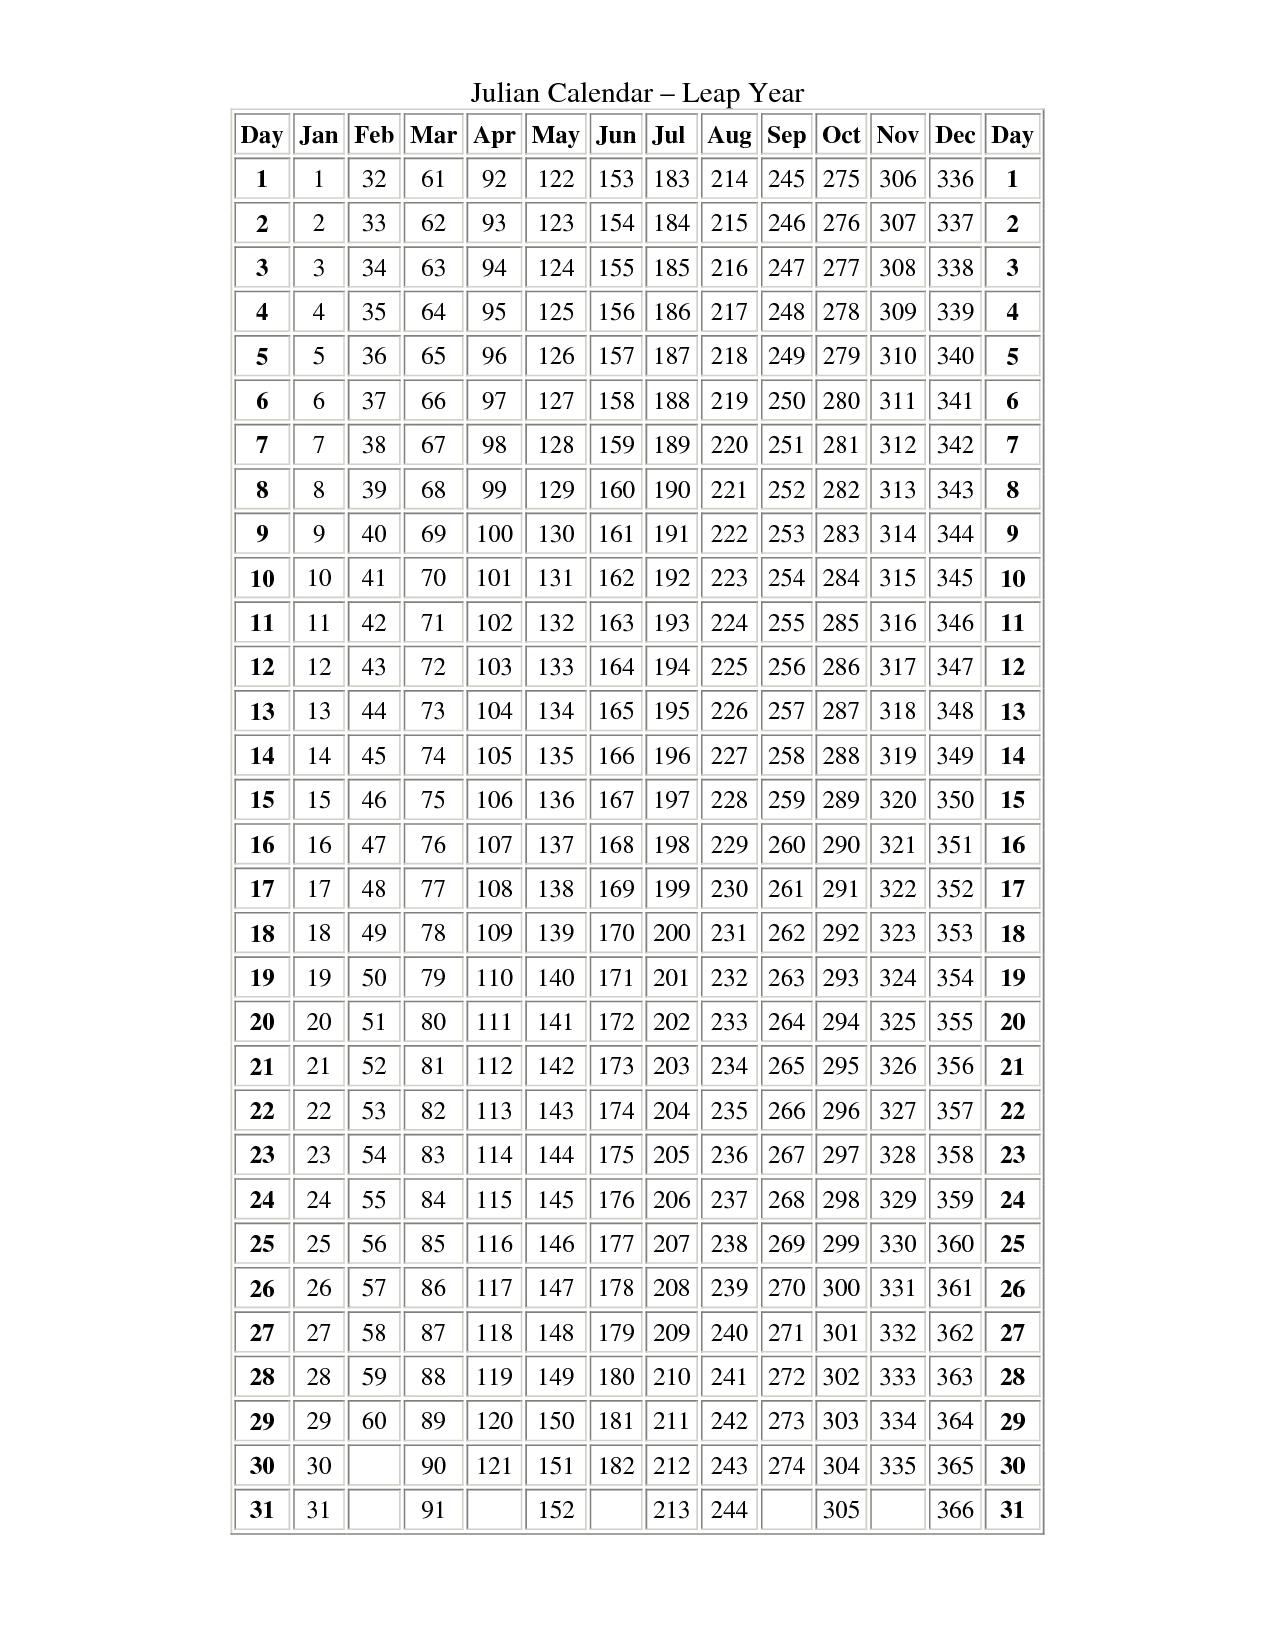 Julian Date Calendar For Non Leap Year | Template Calendar Printable with Julian Calendar Non- Leap Year